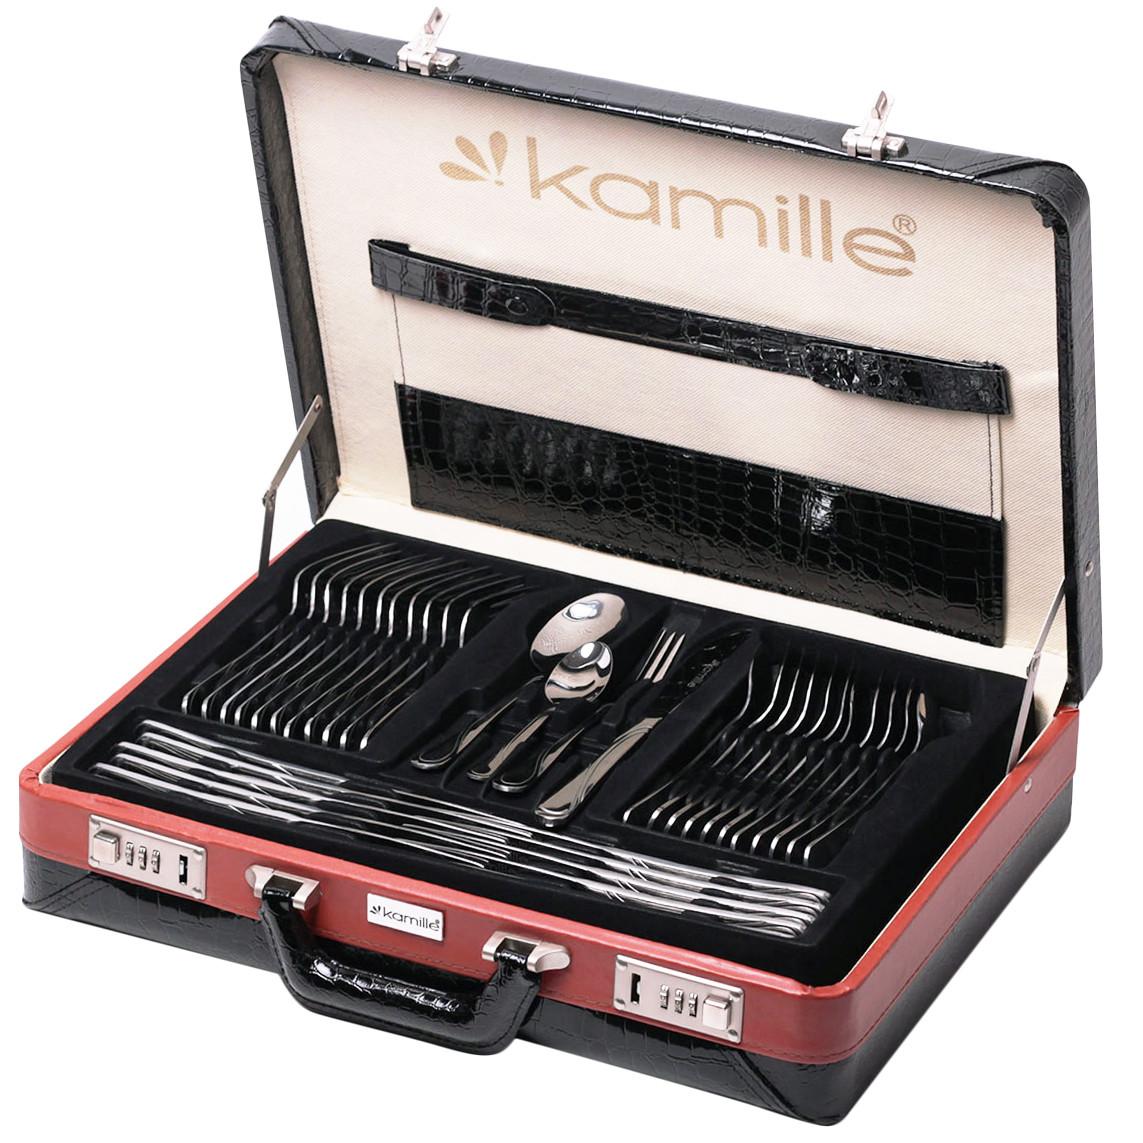 Набір столових приладів Kamille 72 предмети з нержавіючої сталі в кейсі